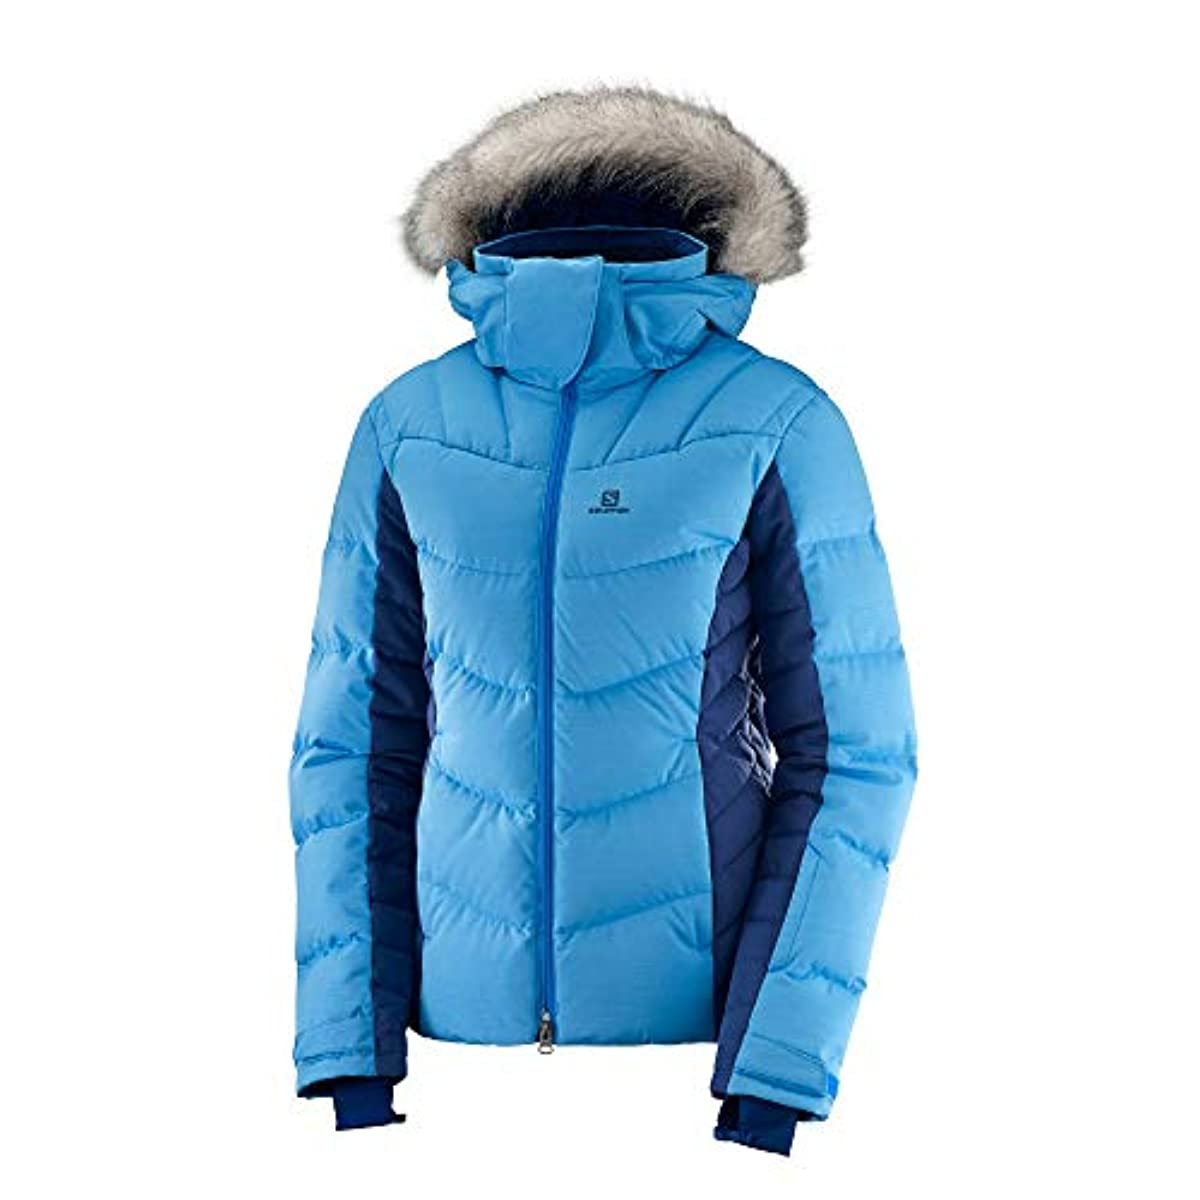 [해외] 살로몬SALOMON 스키 웨어 레이디스 재킷 ICETOWN JACKET WOMEN 아이스 퍼터운 재킷 레이디스 2018-19년 모델 사이즈XS~M